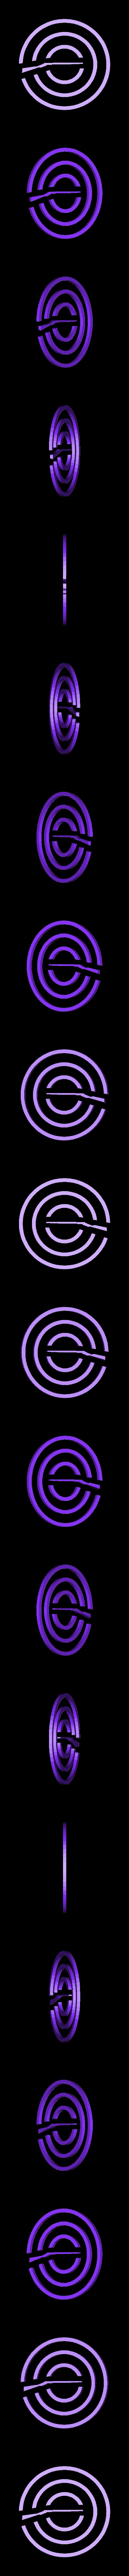 CHASSEUR BLANC.stl Télécharger fichier STL gratuit Jeu de Loup Garou #Toy  • Plan imprimable en 3D, 10E9